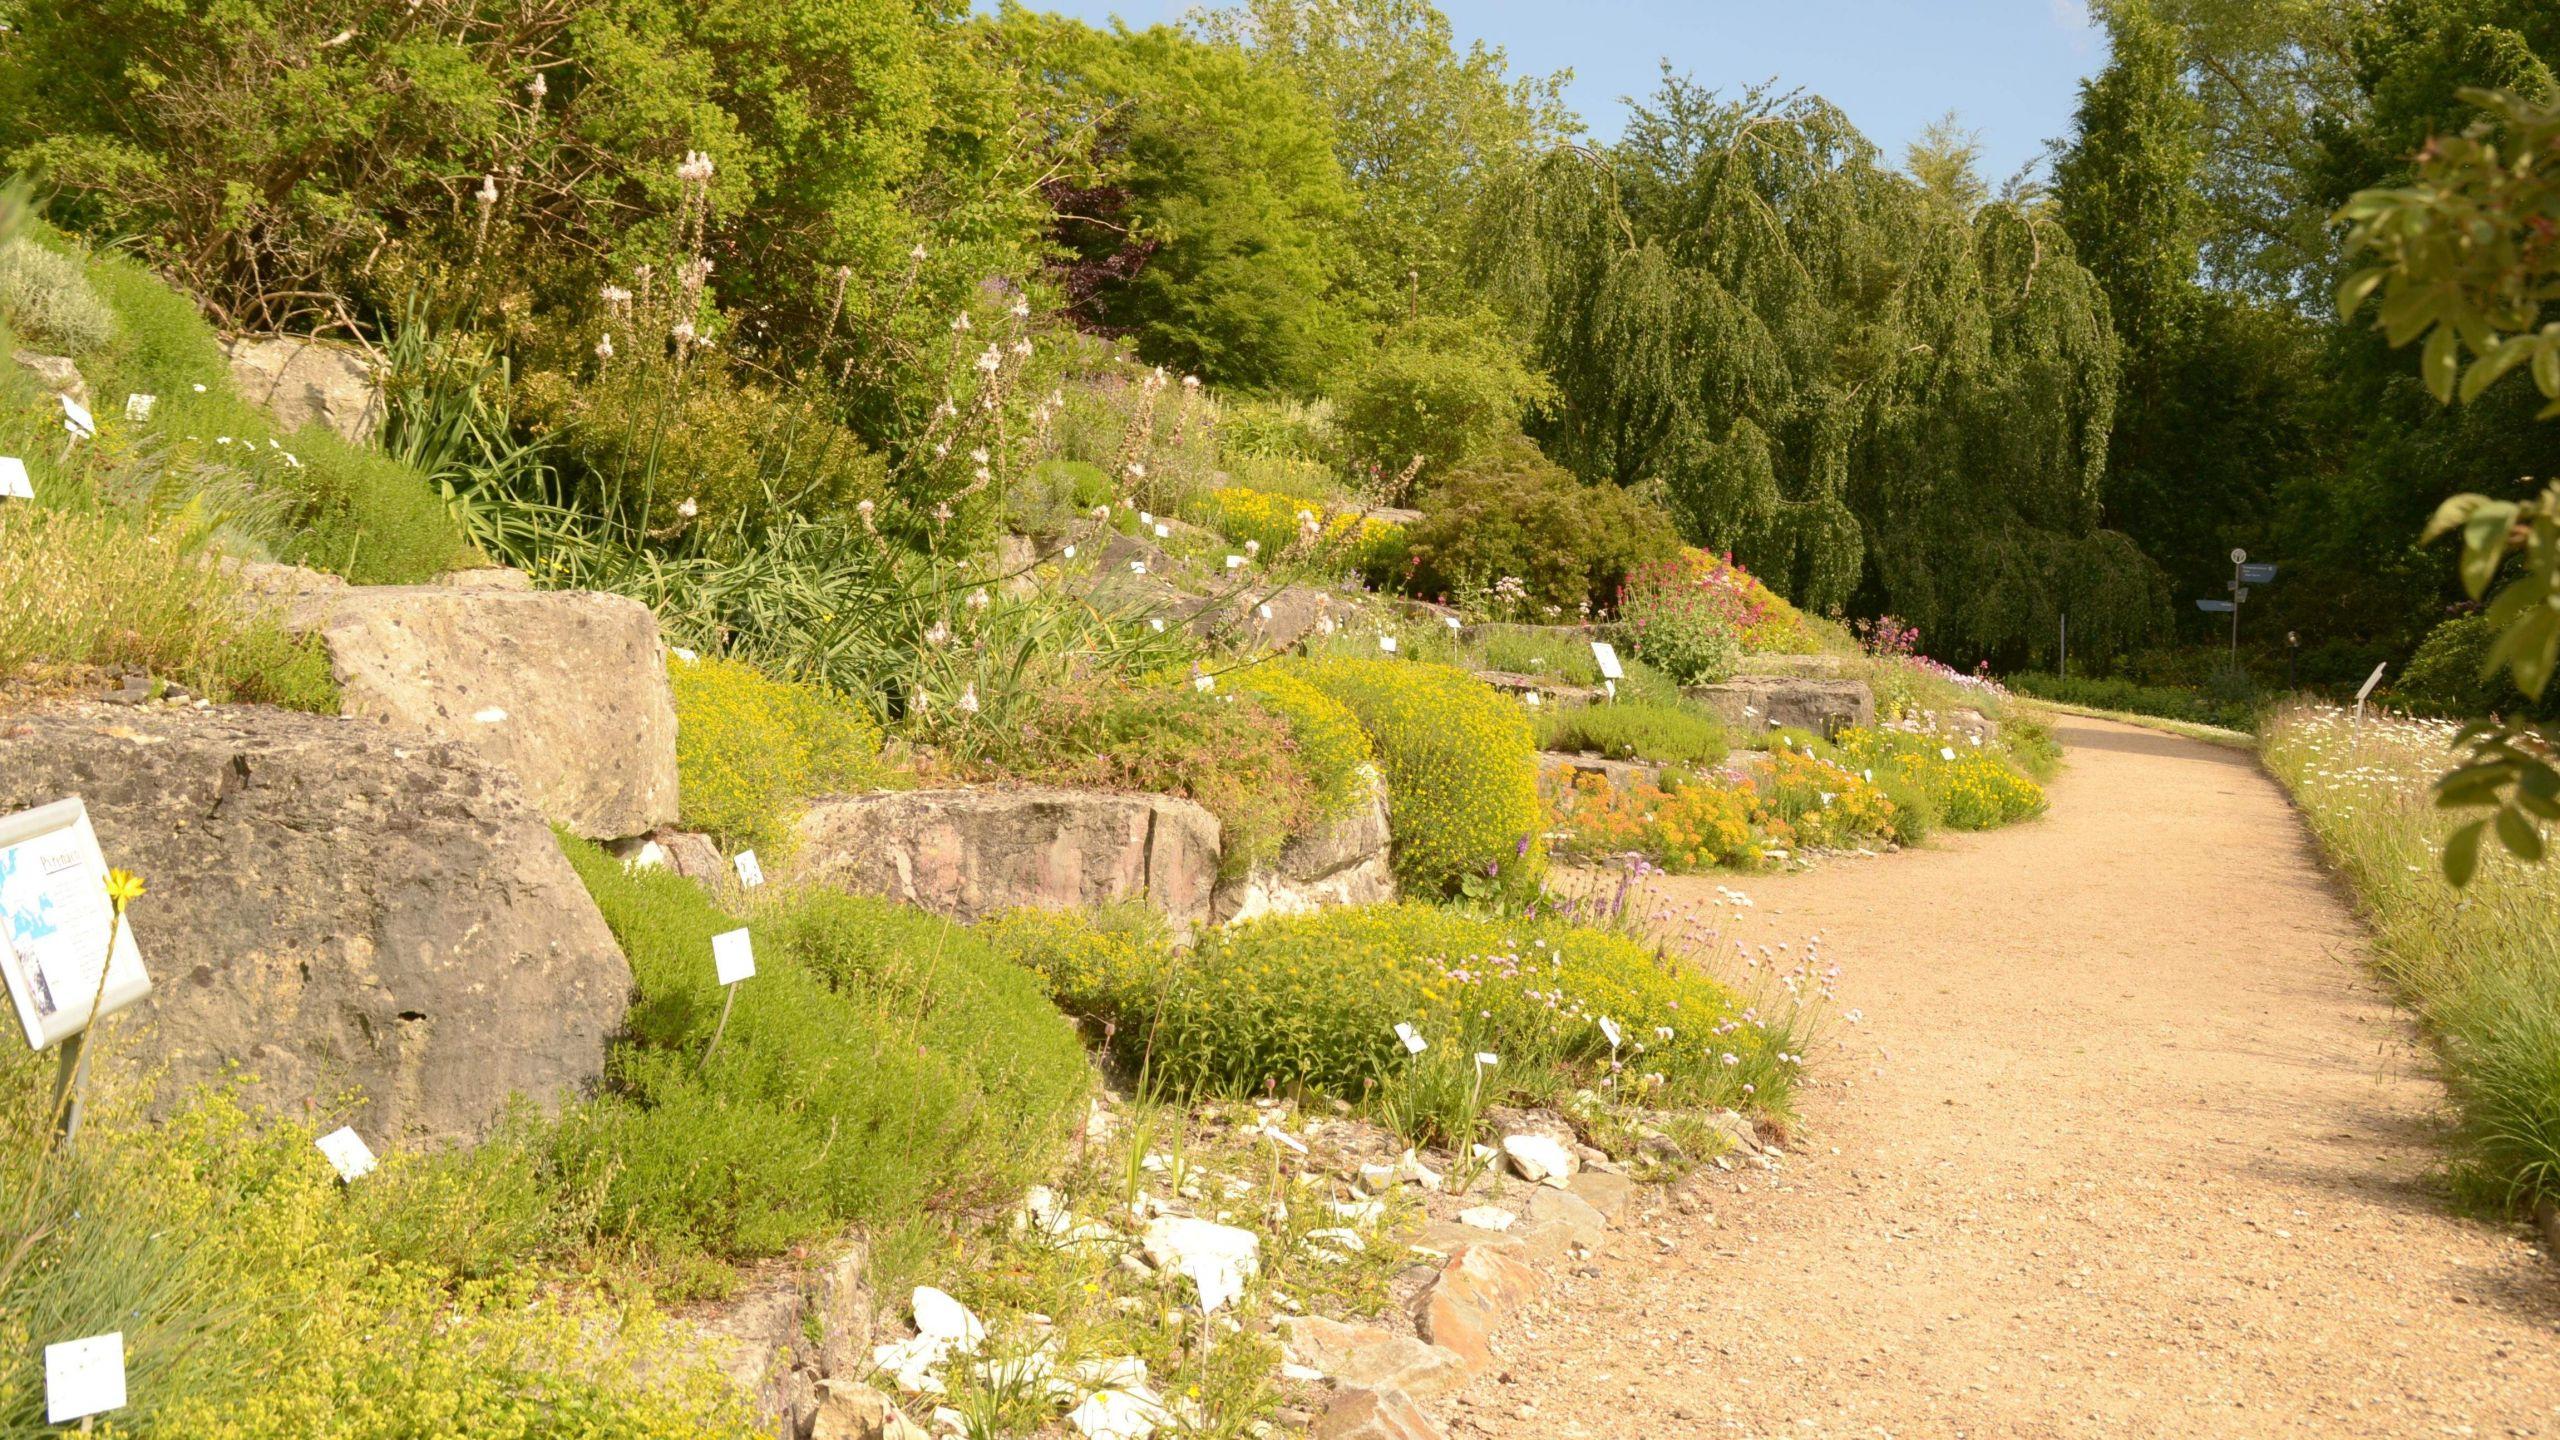 Botanischer Garten Palermo Das Beste Von Bot Garten